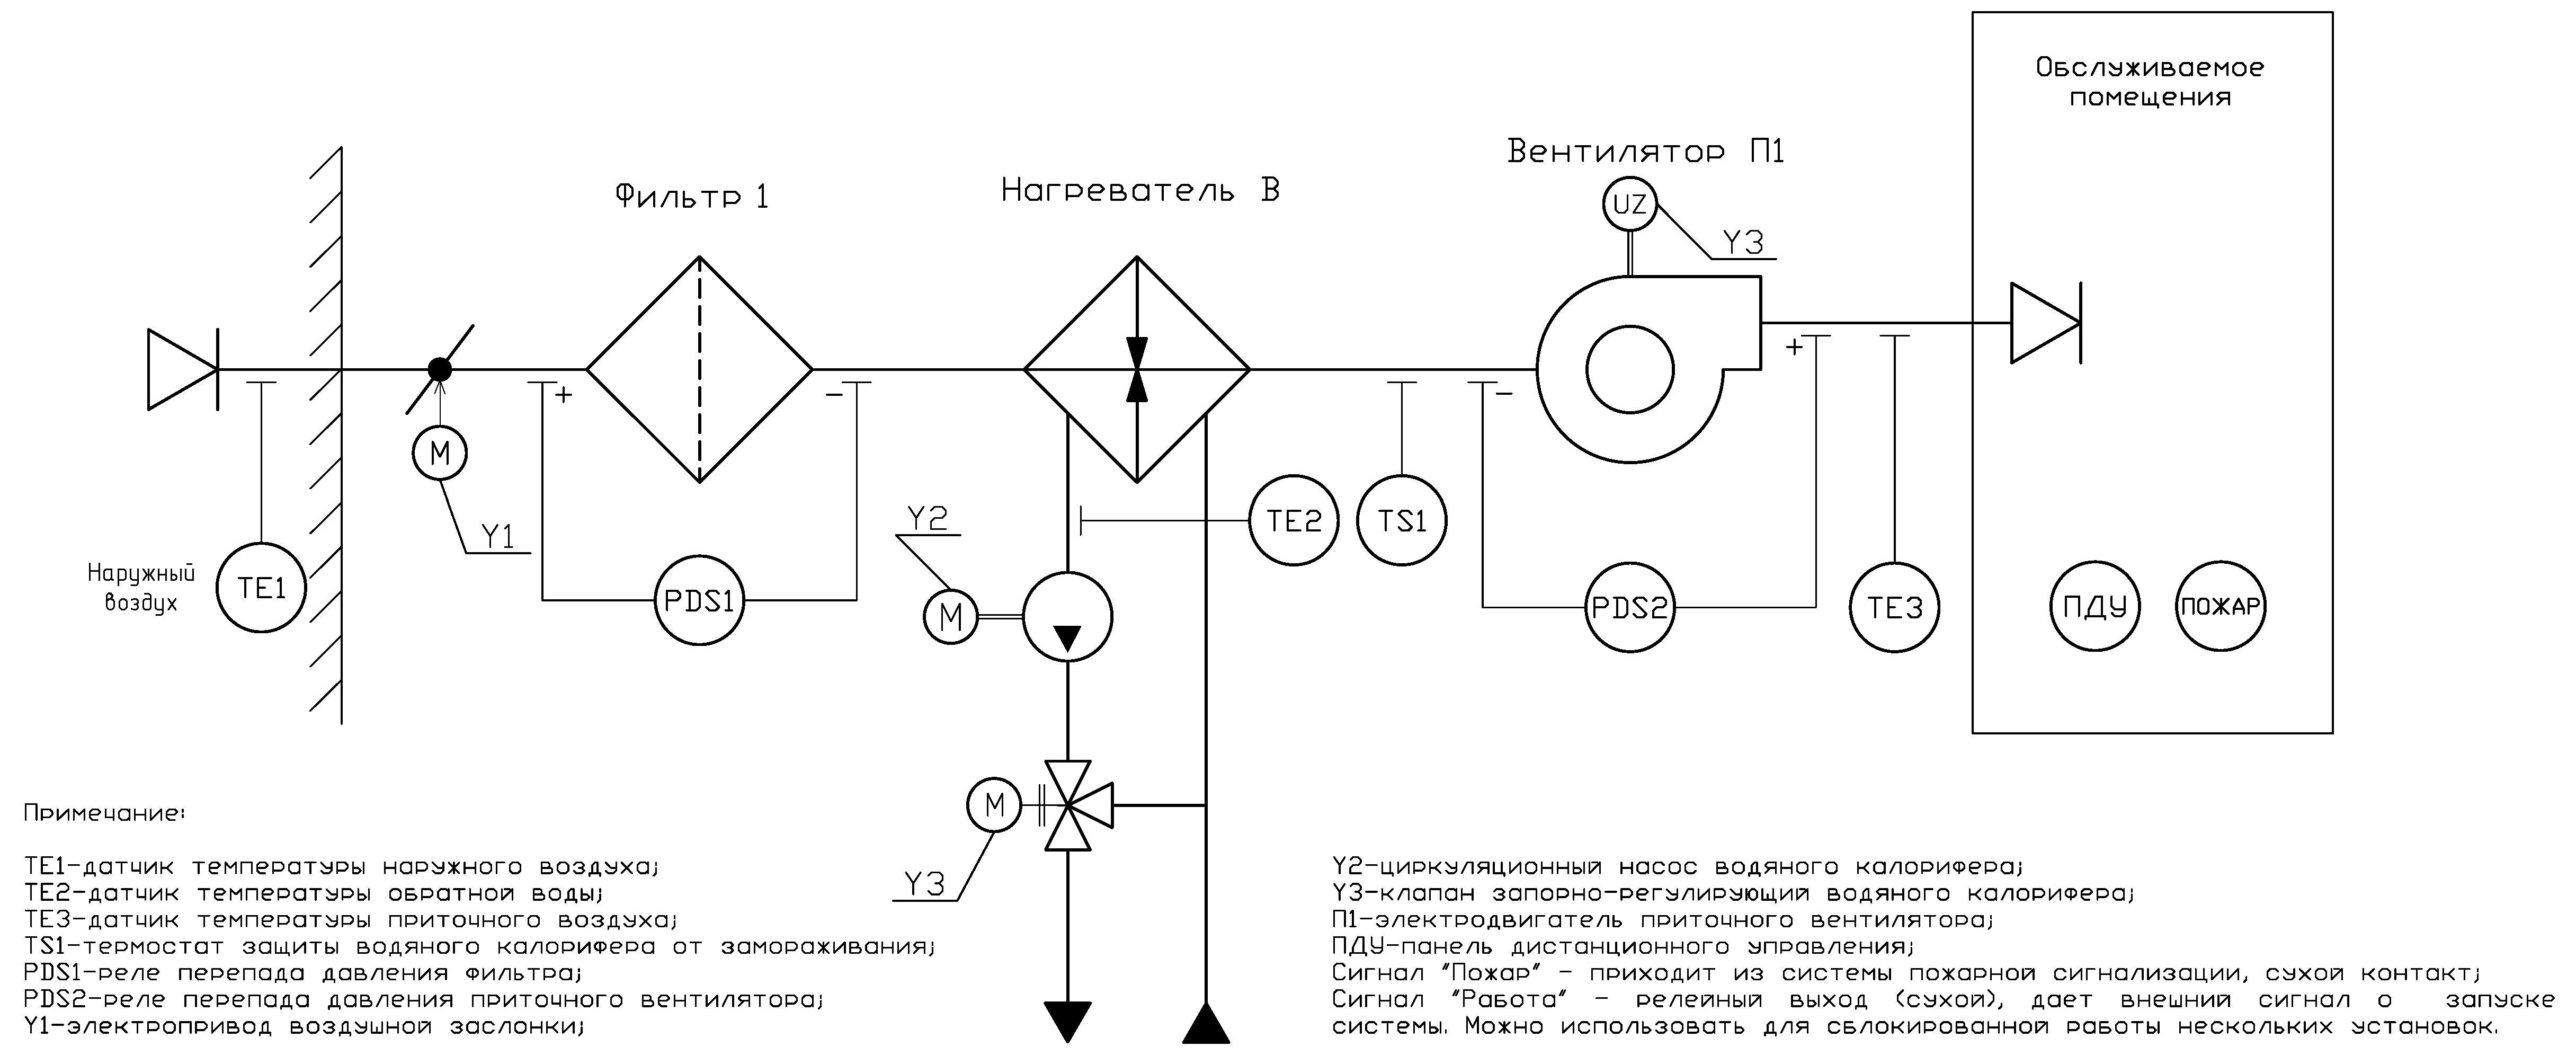 Расчет водяного теплообменника приточной установки Пластинчатый теплообменник Sondex S8 Находка